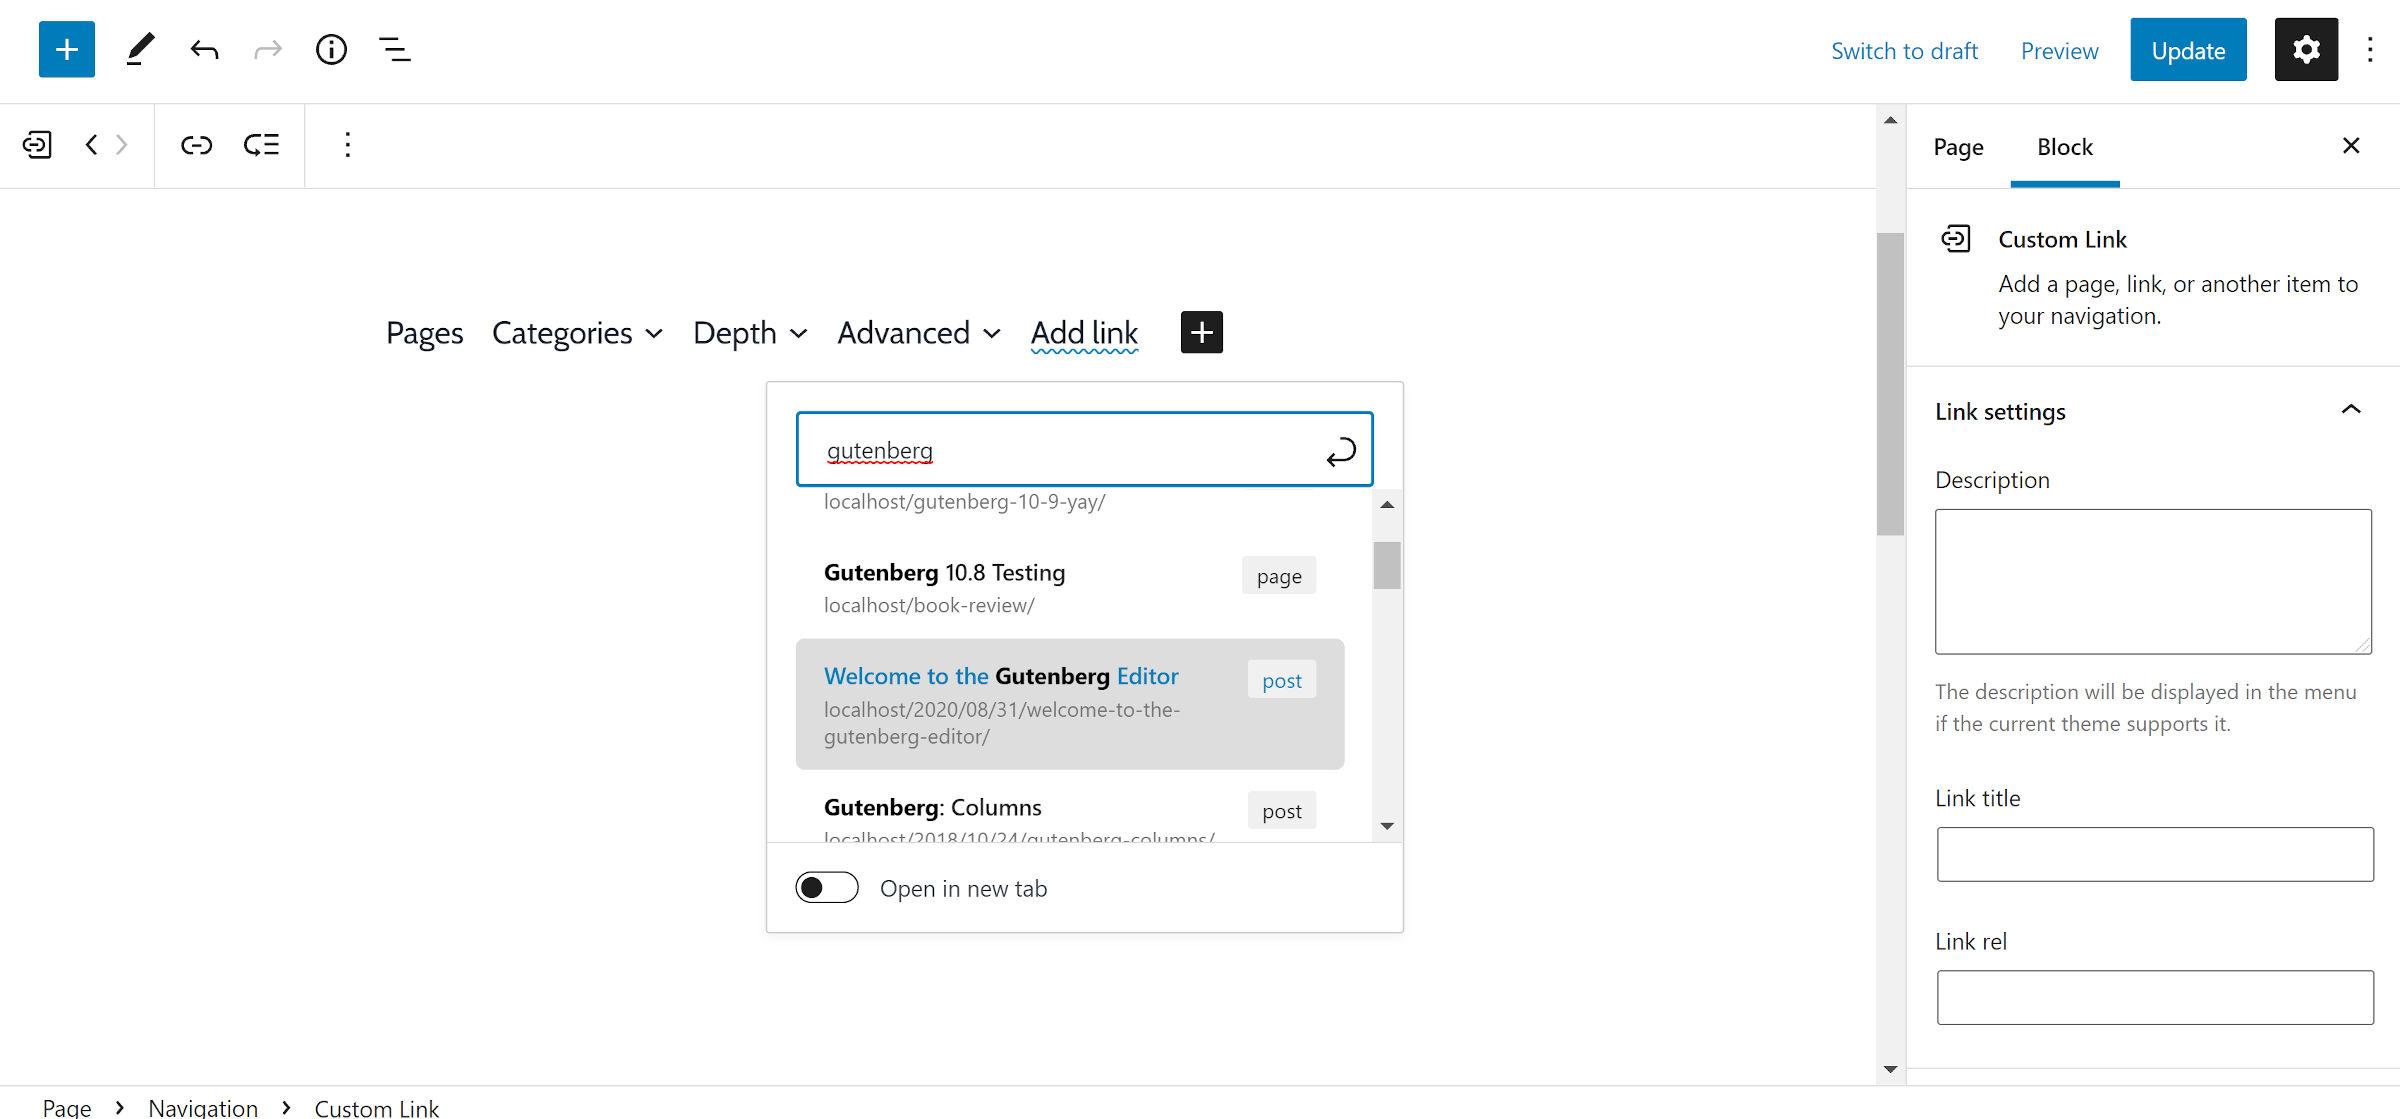 L'aggiunta di un nuovo elemento di navigazione fa apparire immediatamente un modulo di ricerca URL.